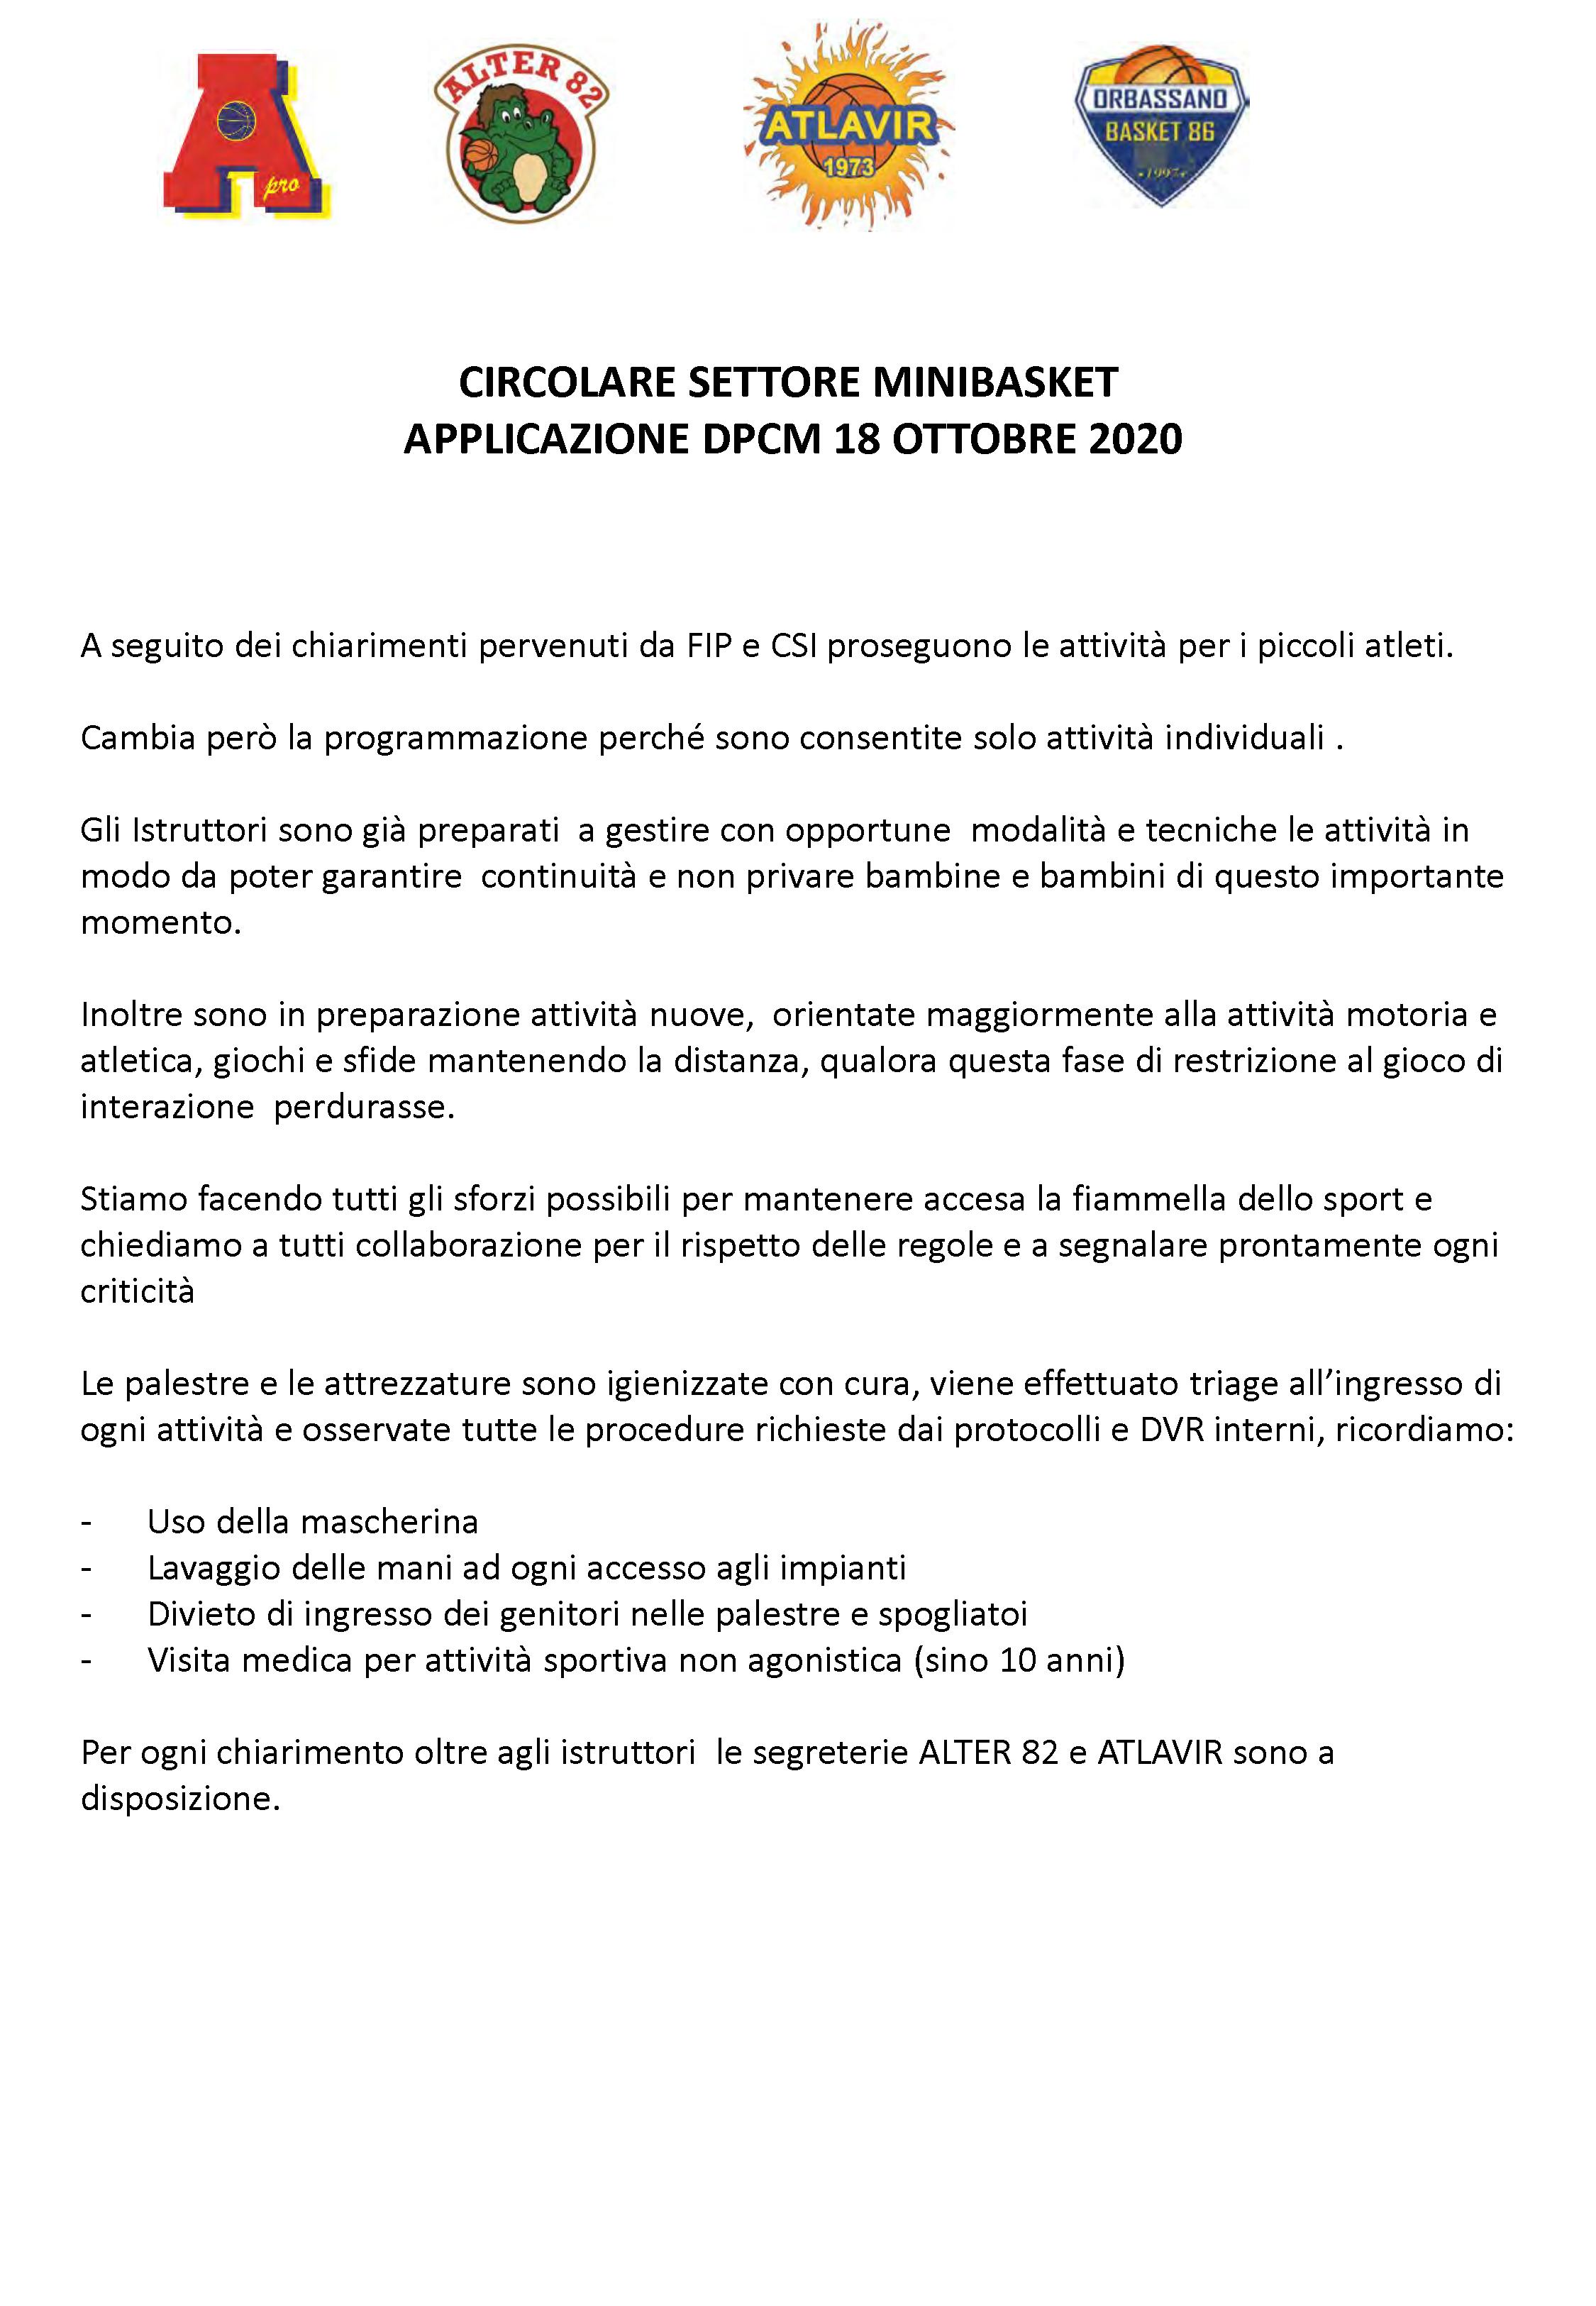 Circolare MiniBasket in applicazione al DPCM 18 OTTOBRE 2020